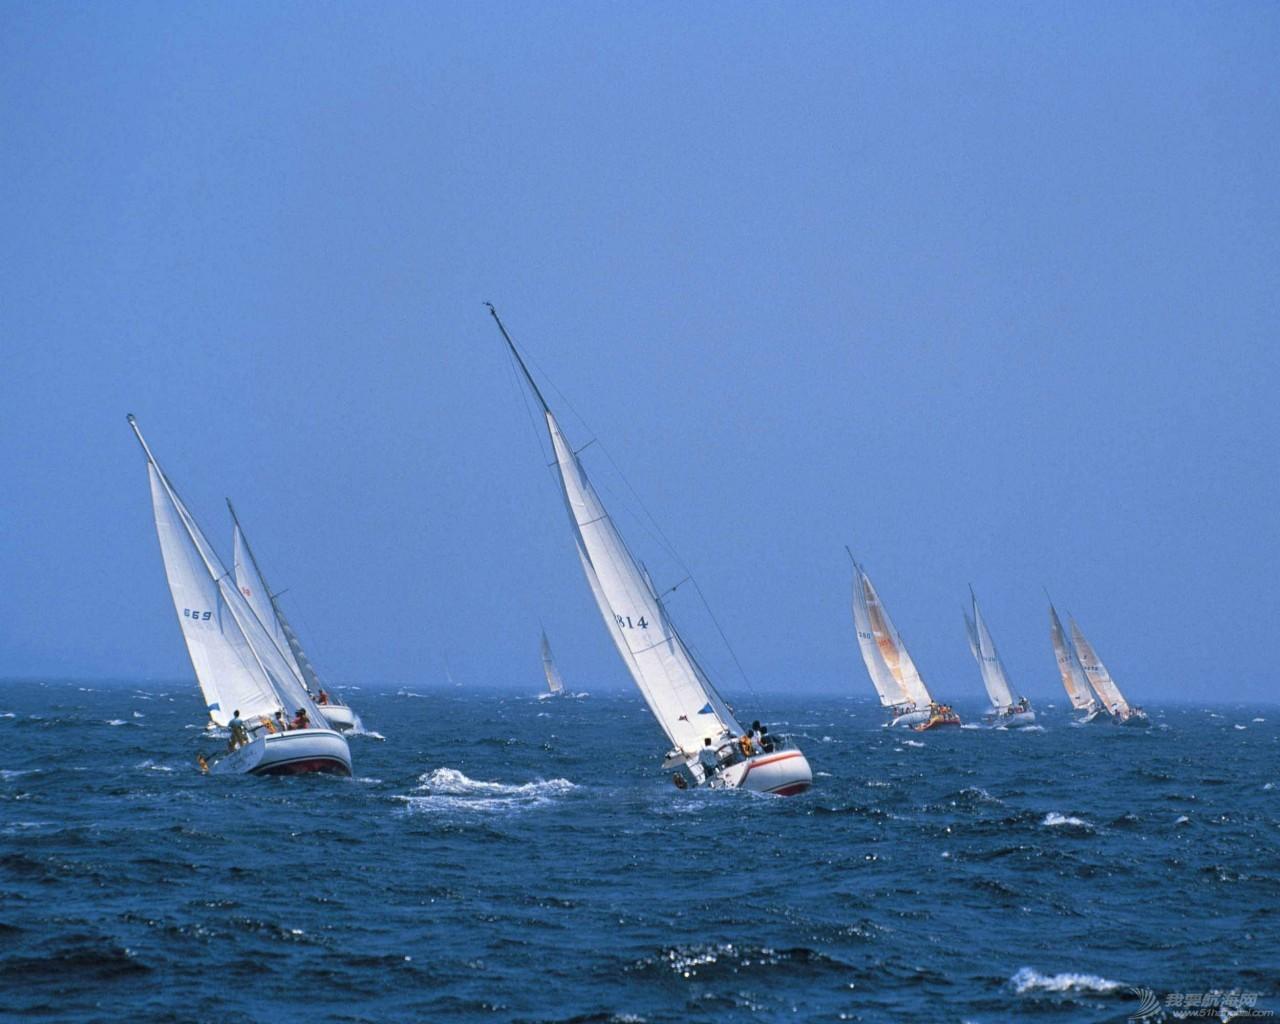 天气预报,专业服务,广播电台,互联网,冷空气 航海常识--蓝途航海知识 fanchuan-007.jpg